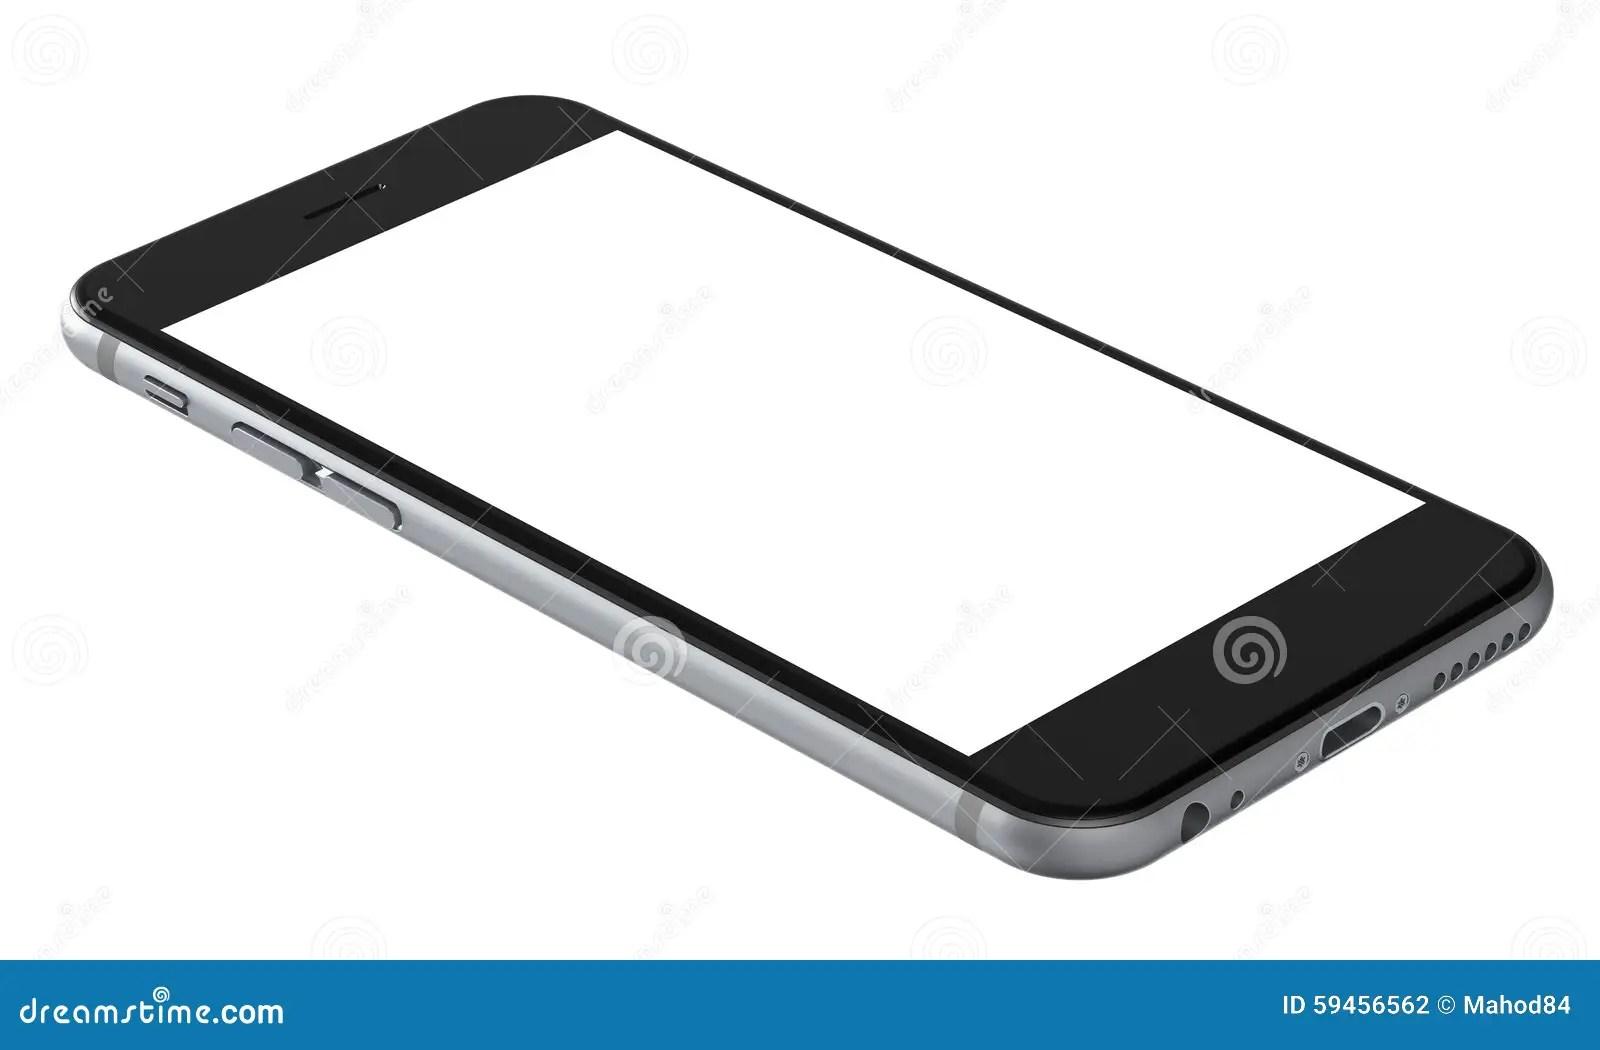 Smartfon stock illustration. Illustration of internet